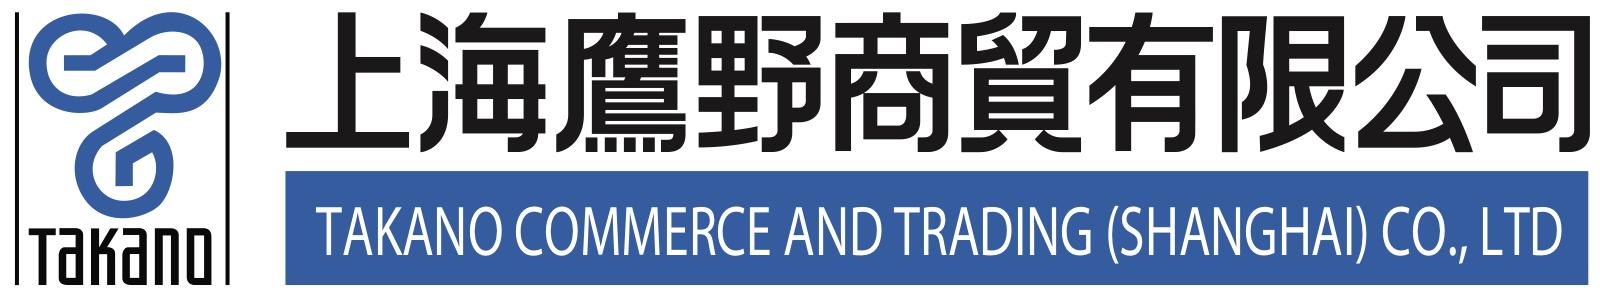 上海鹰野商贸有限公司-2018中国国际福祉博览会暨中国国际康复博览会